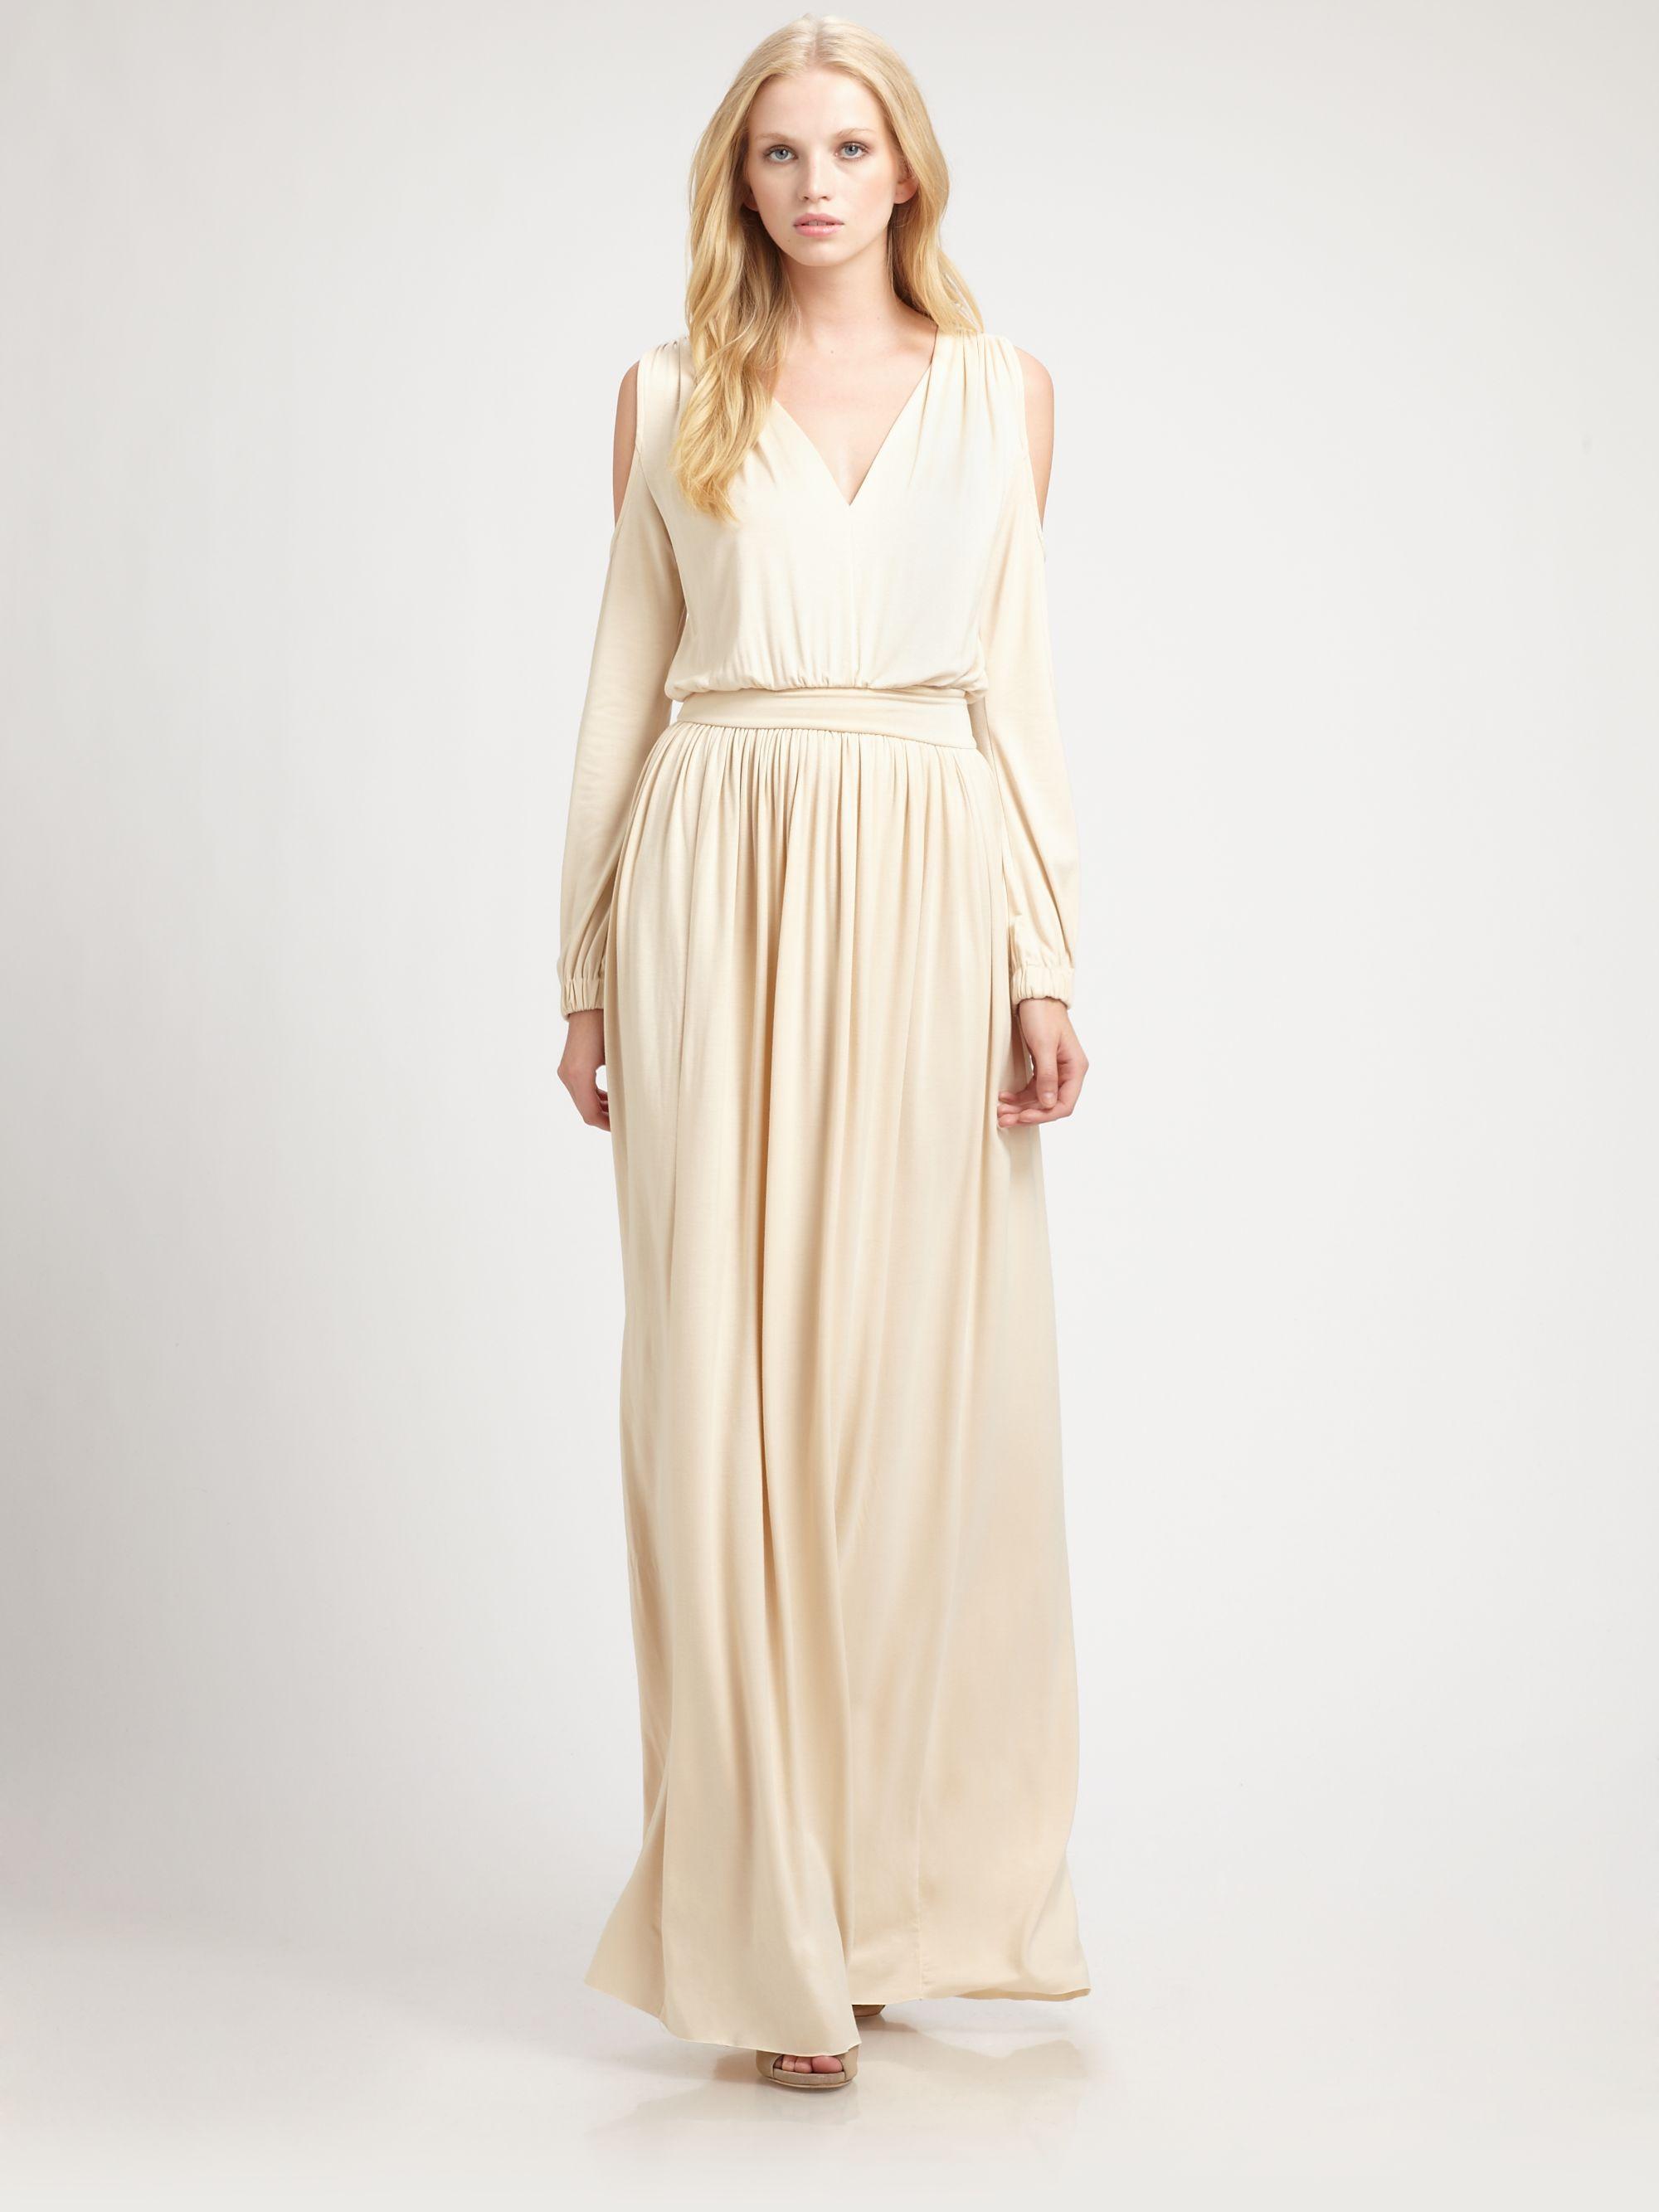 Cream Maxi Dress Photo Album - Reikian